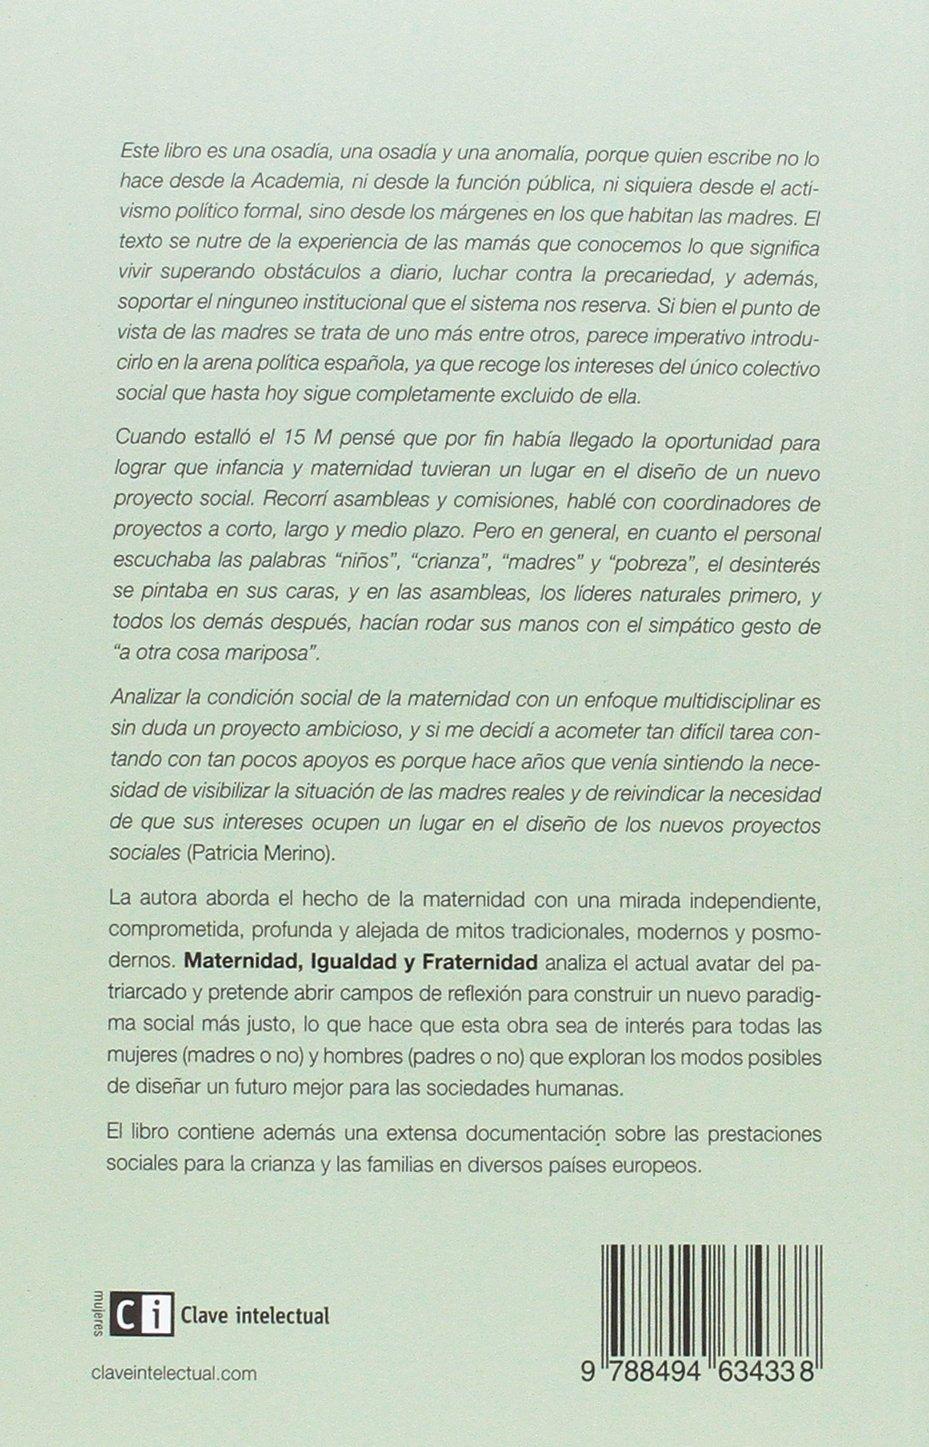 Maternidad, Igualdad y Fraternidad: Las madres como sujeto político en las sociedades poslaborales: Patricia Merino Murga: 9788494634338: Amazon.com: Books